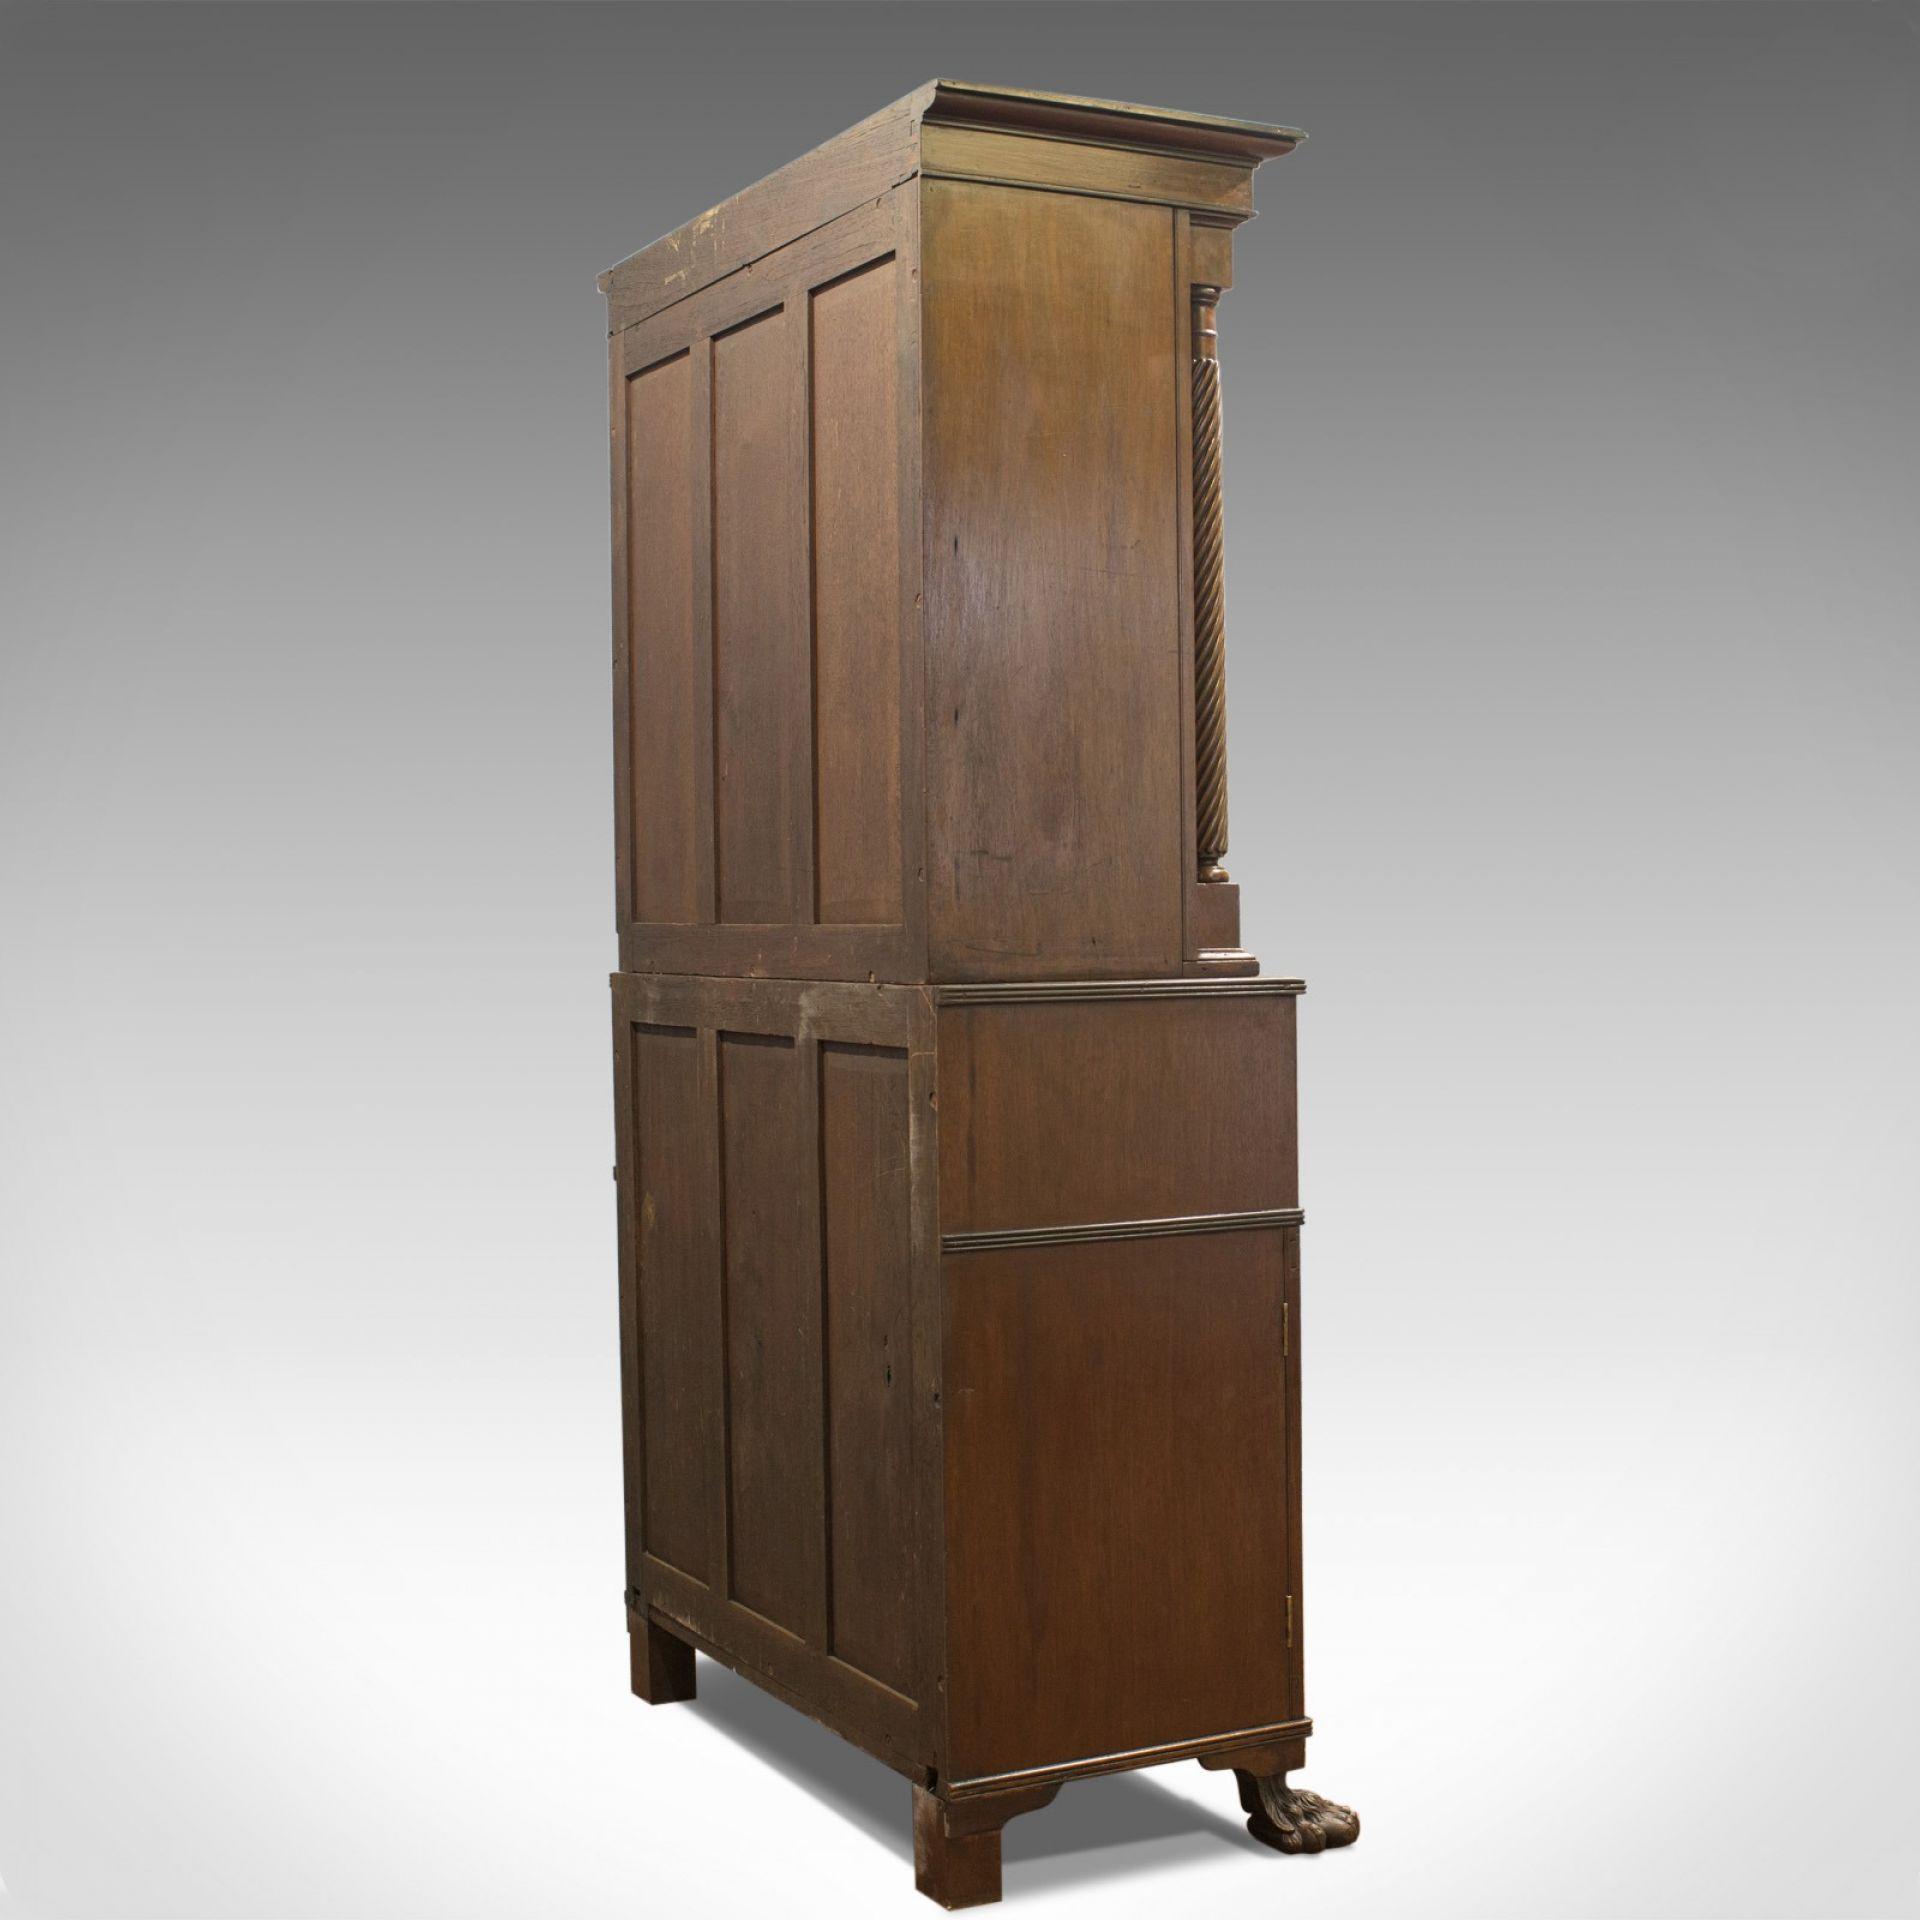 Antique Secretaire Bookcase, Scottish, Mahogany, Cabinet, Victorian, Circa 1880